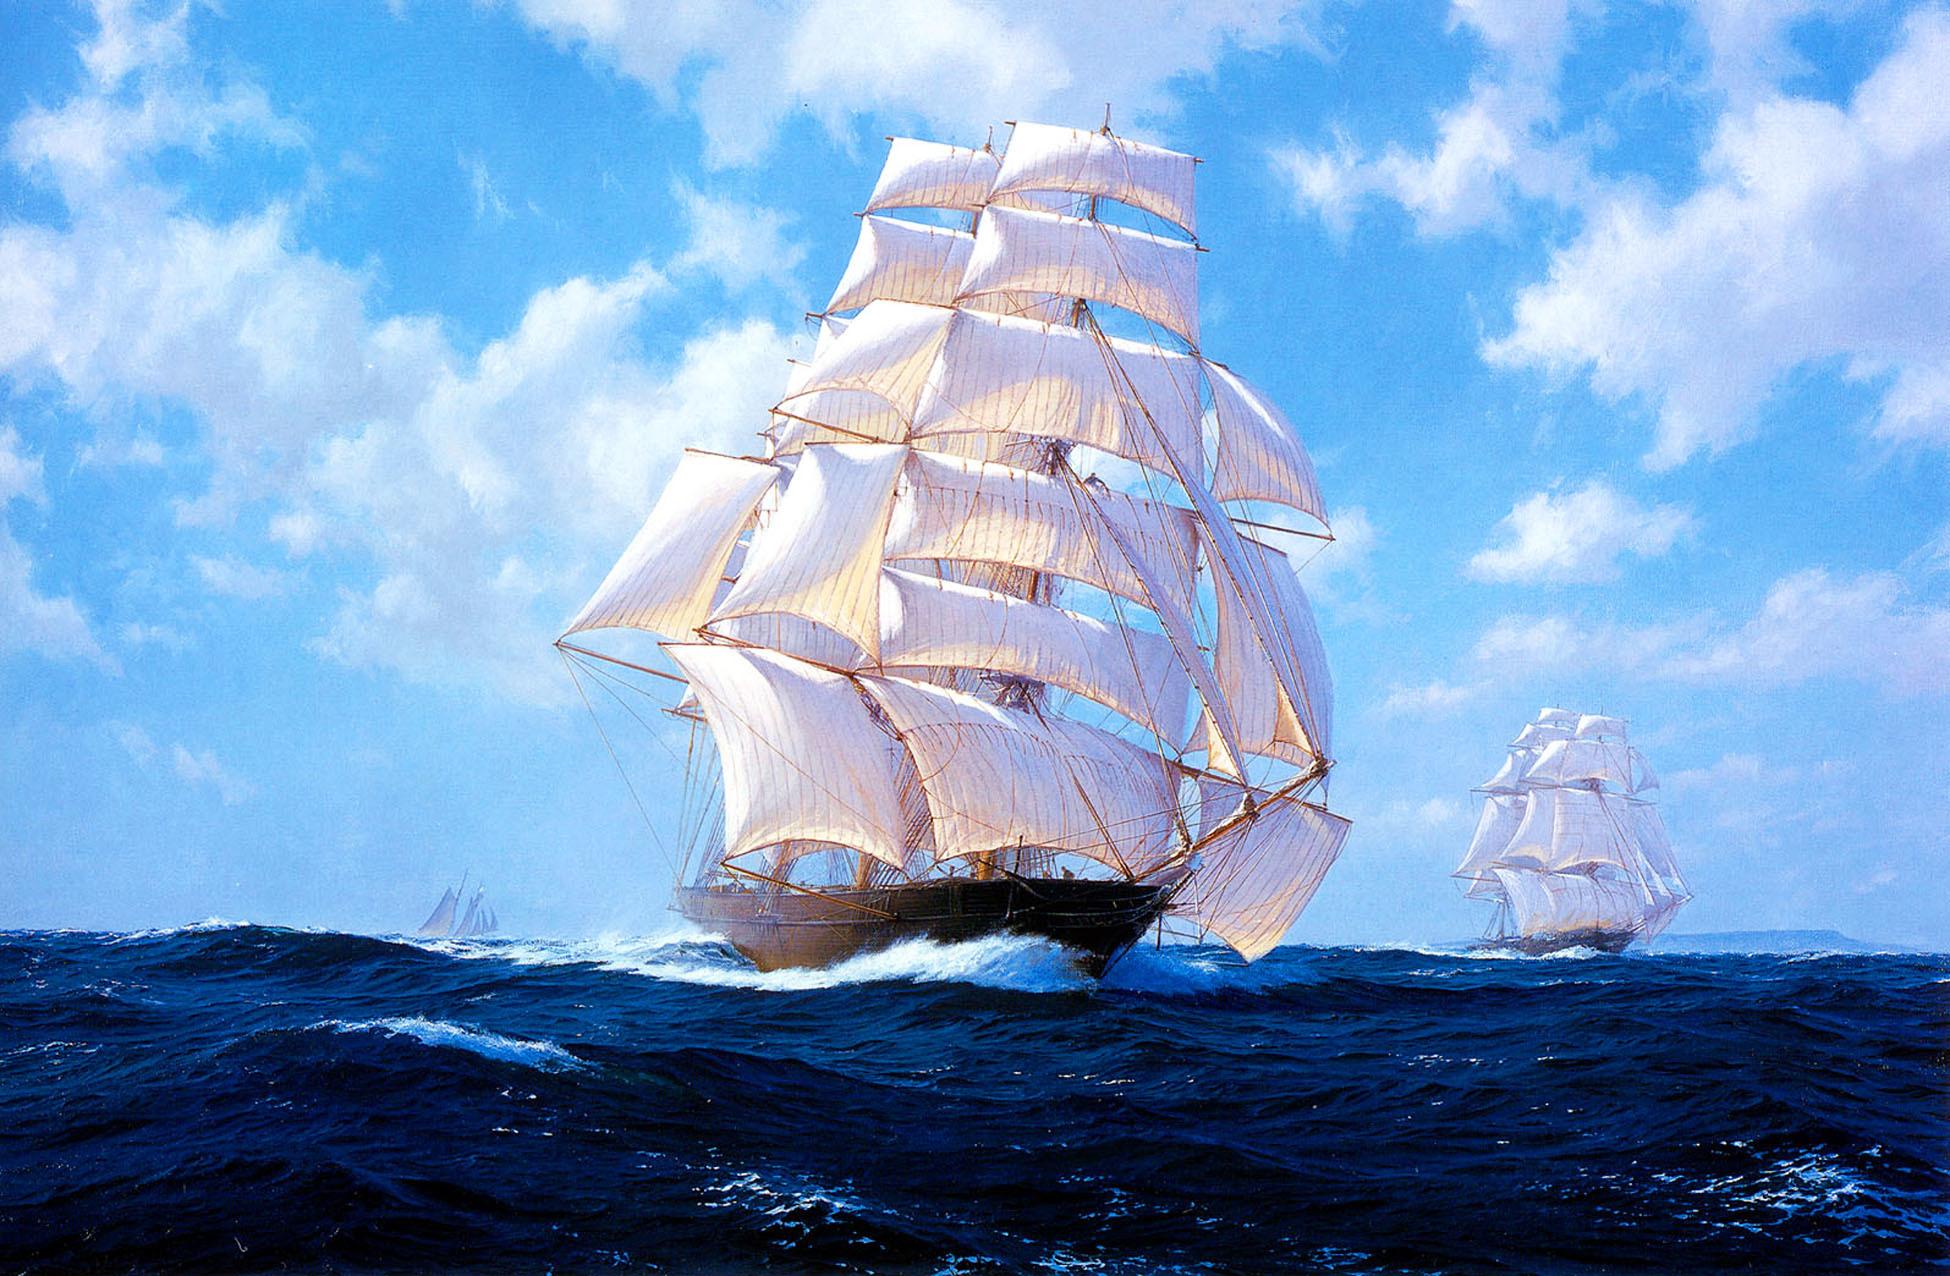 картина феншуй море